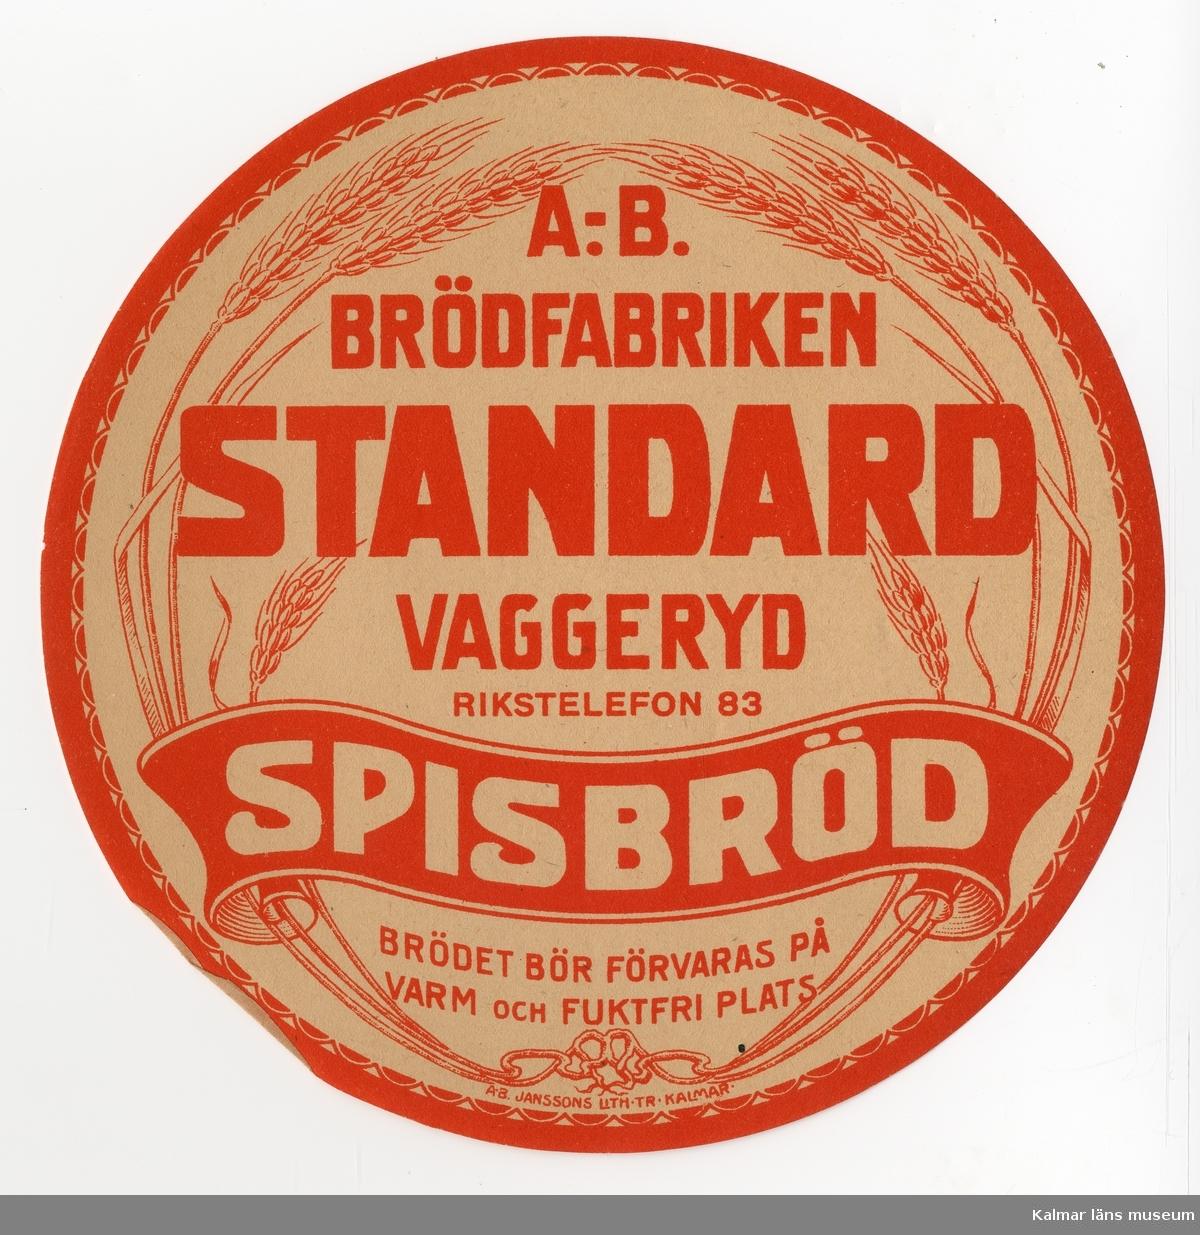 KLM 21360:3:29 Etikett, av papper, tryck av litografisk etikett. På etiketten text: Standard Spisbröd. I färgen röd text på beige bakgrund. Etikett till knäckebrödsförpackning. Beställare: A.-B. Brödfabriken, Vaggeryd. Tryckt på Janssons Litografisk tryckeri i Kalmar. Trycket låg löst i provbok med varuetiketter mm, KLM 21360:1.